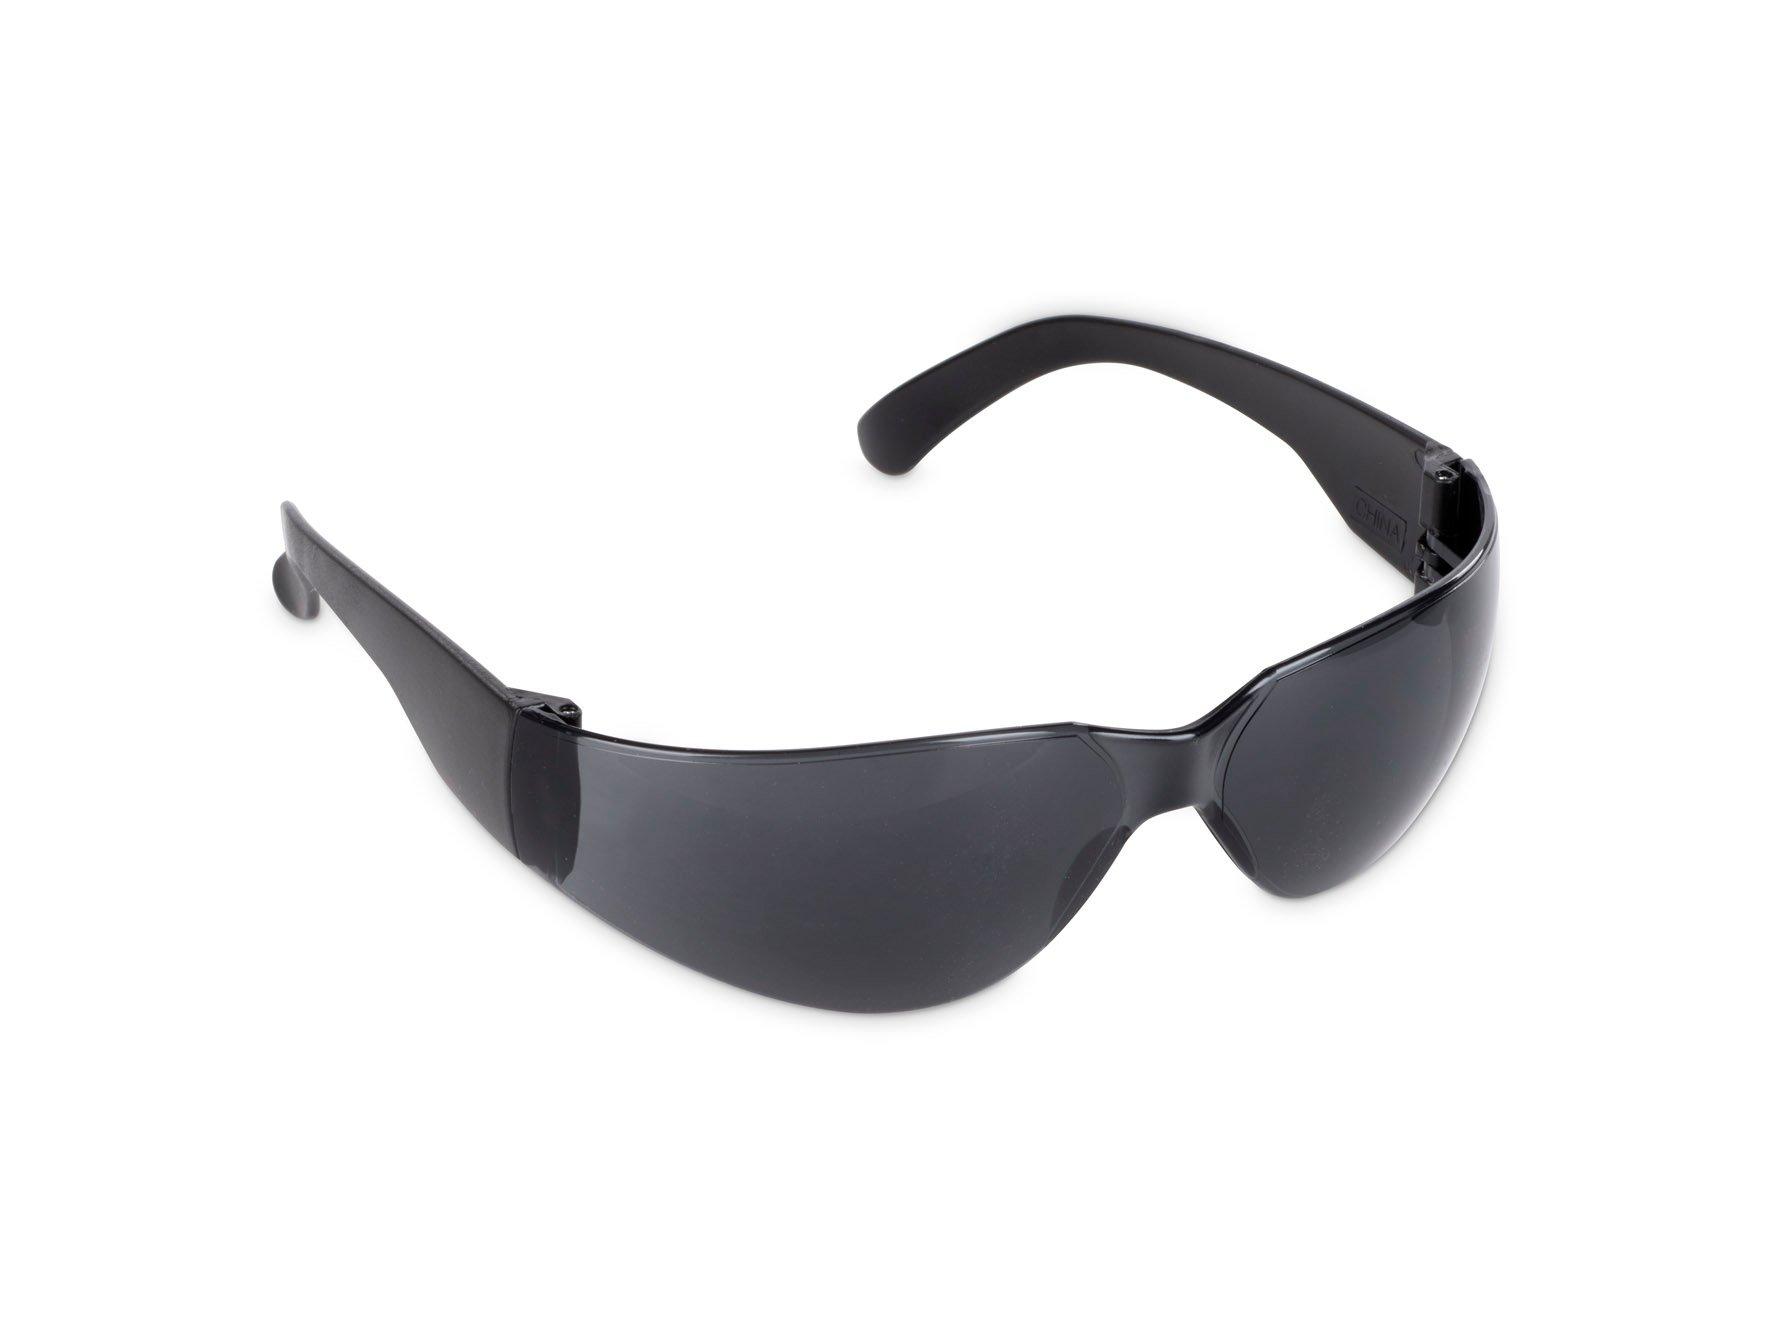 Beskyttelsesbriller UV ridsefri - grå